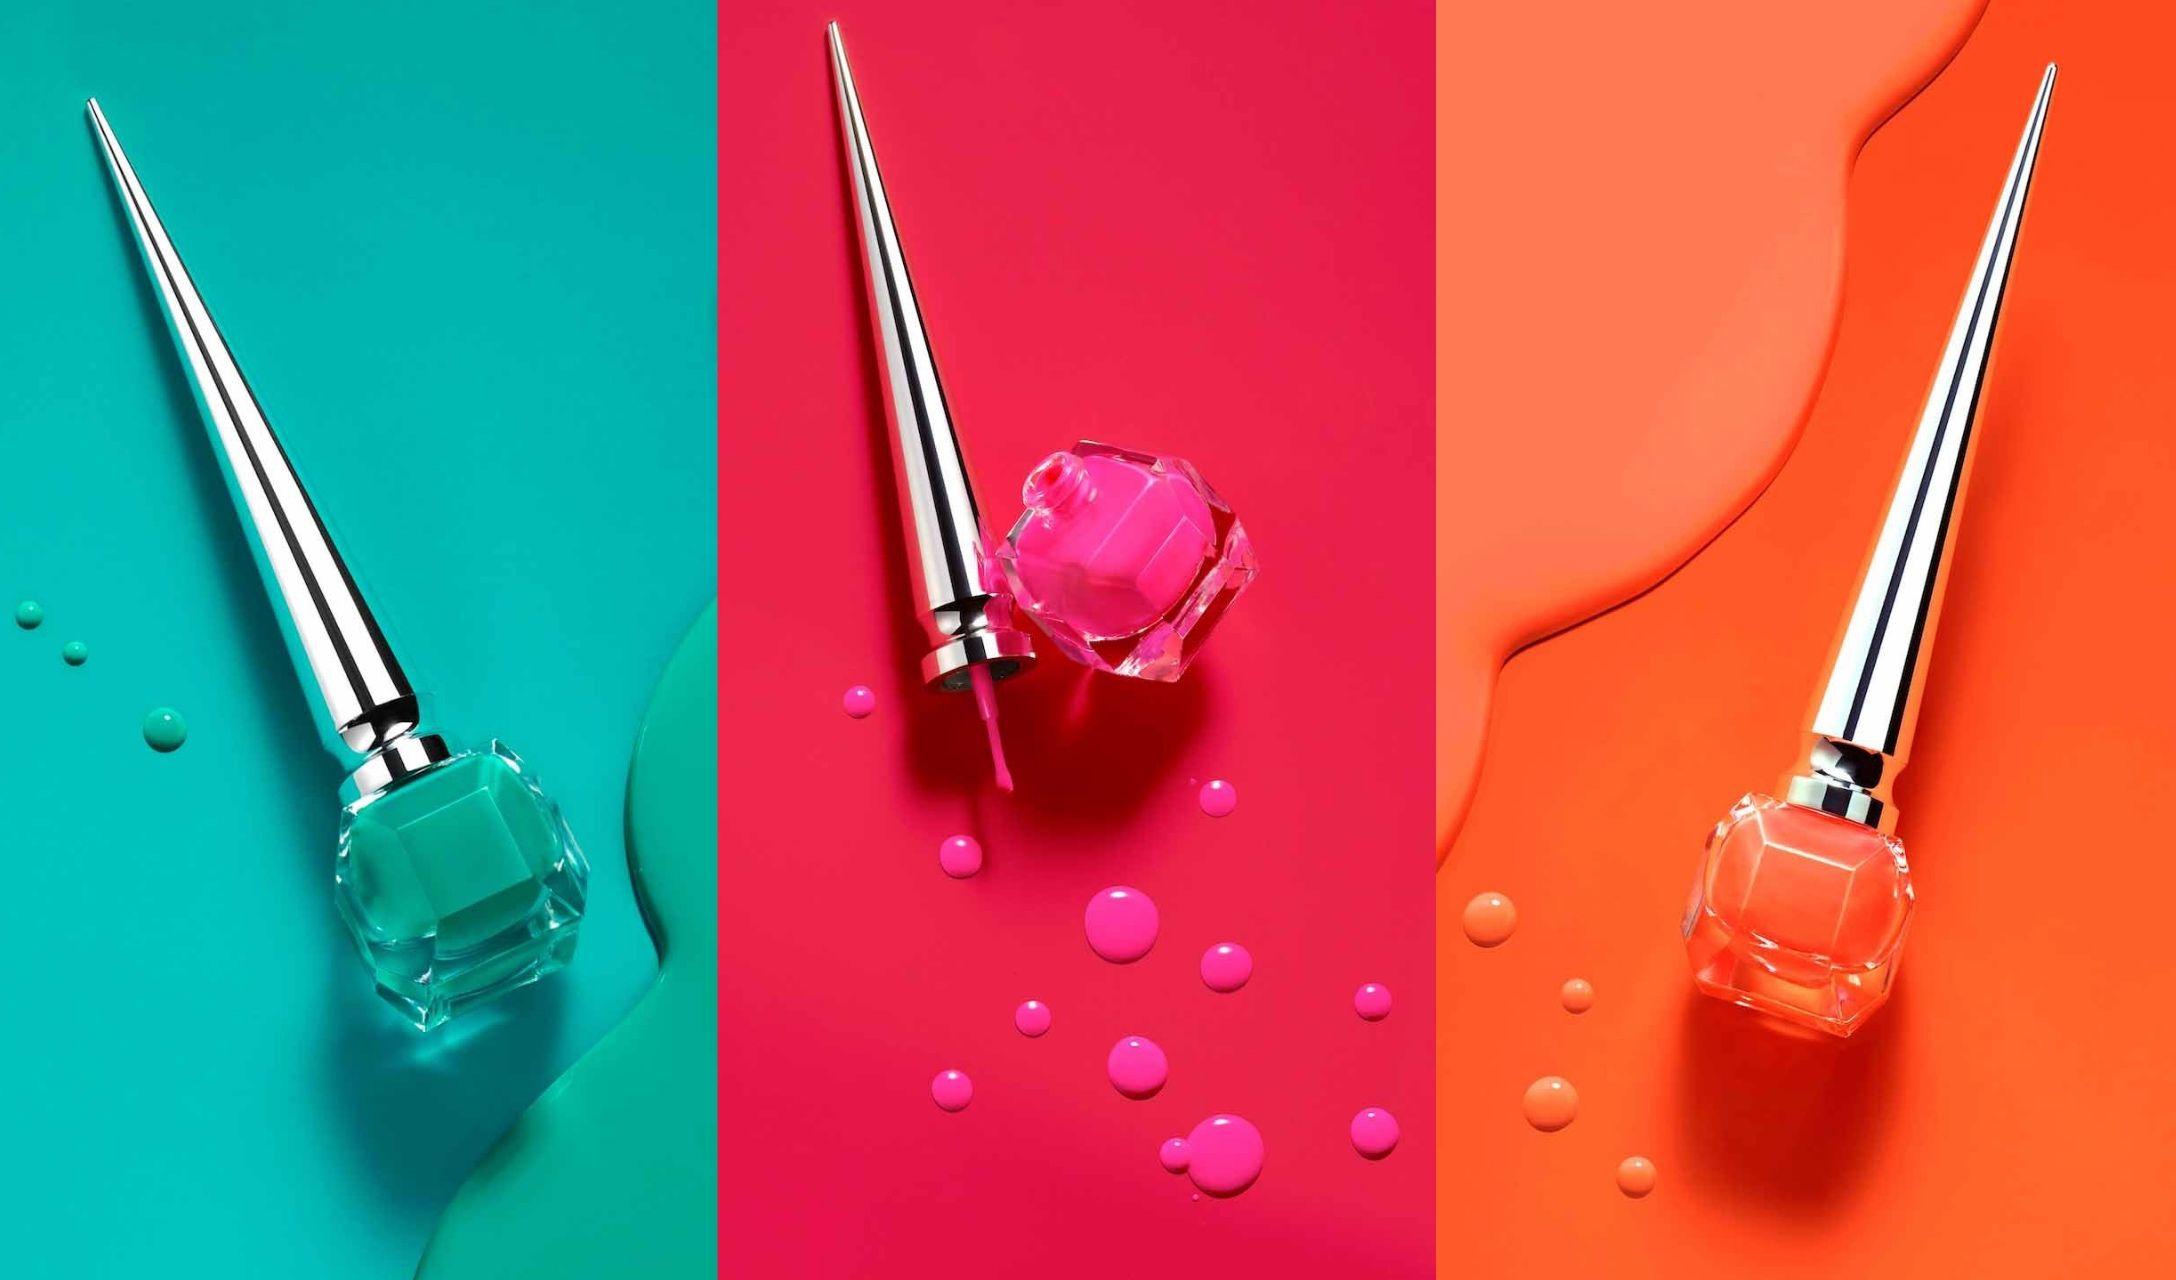 クリスチャン ルブタンの数量限定ネオンカラーのネイルカラー3色ピンク、オレンジ、グリーン